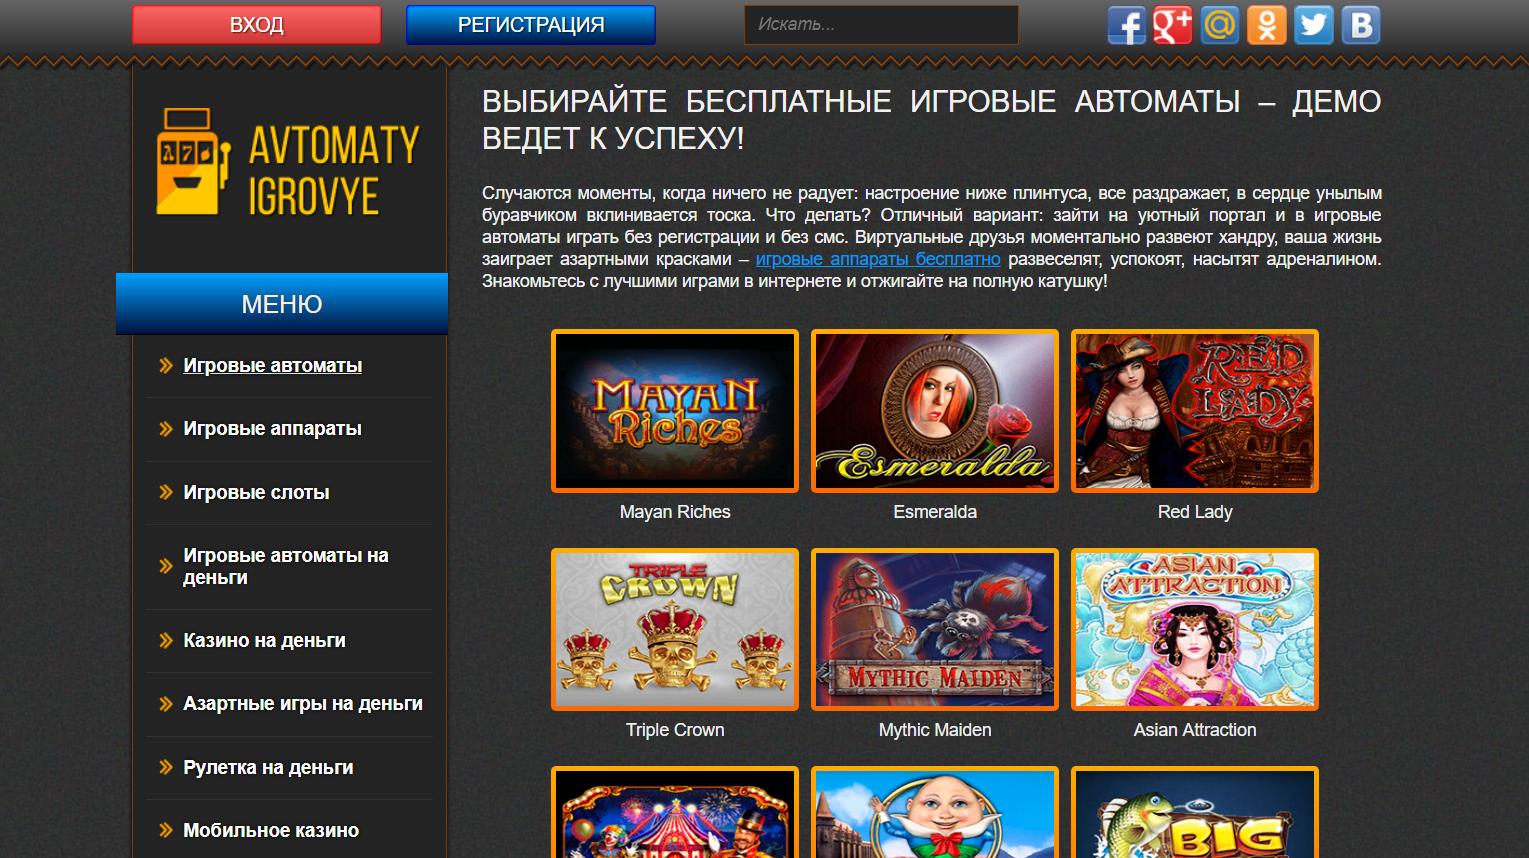 Игровые автоматы – азартный онлайн отдых, доступный каждому